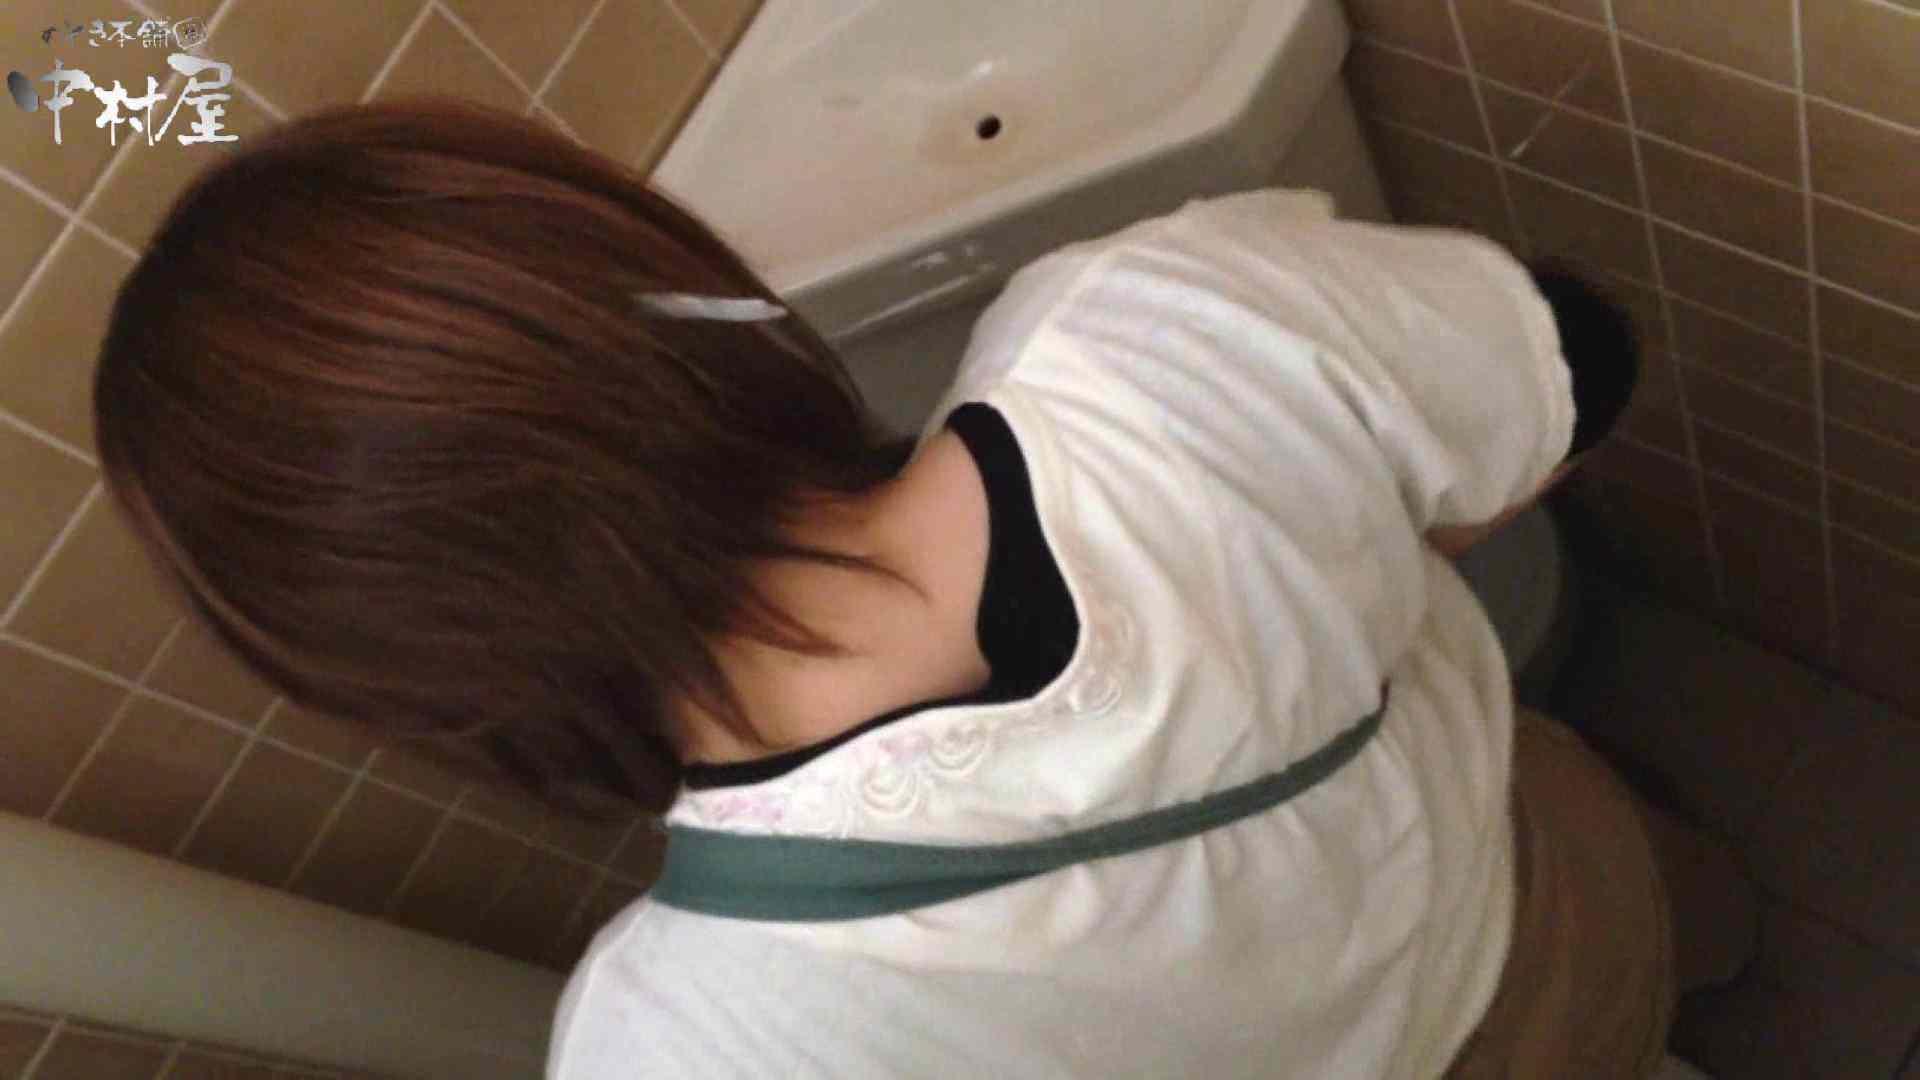 部活女子トイレ潜入編vol.5 トイレ オメコ無修正動画無料 109PIX 63